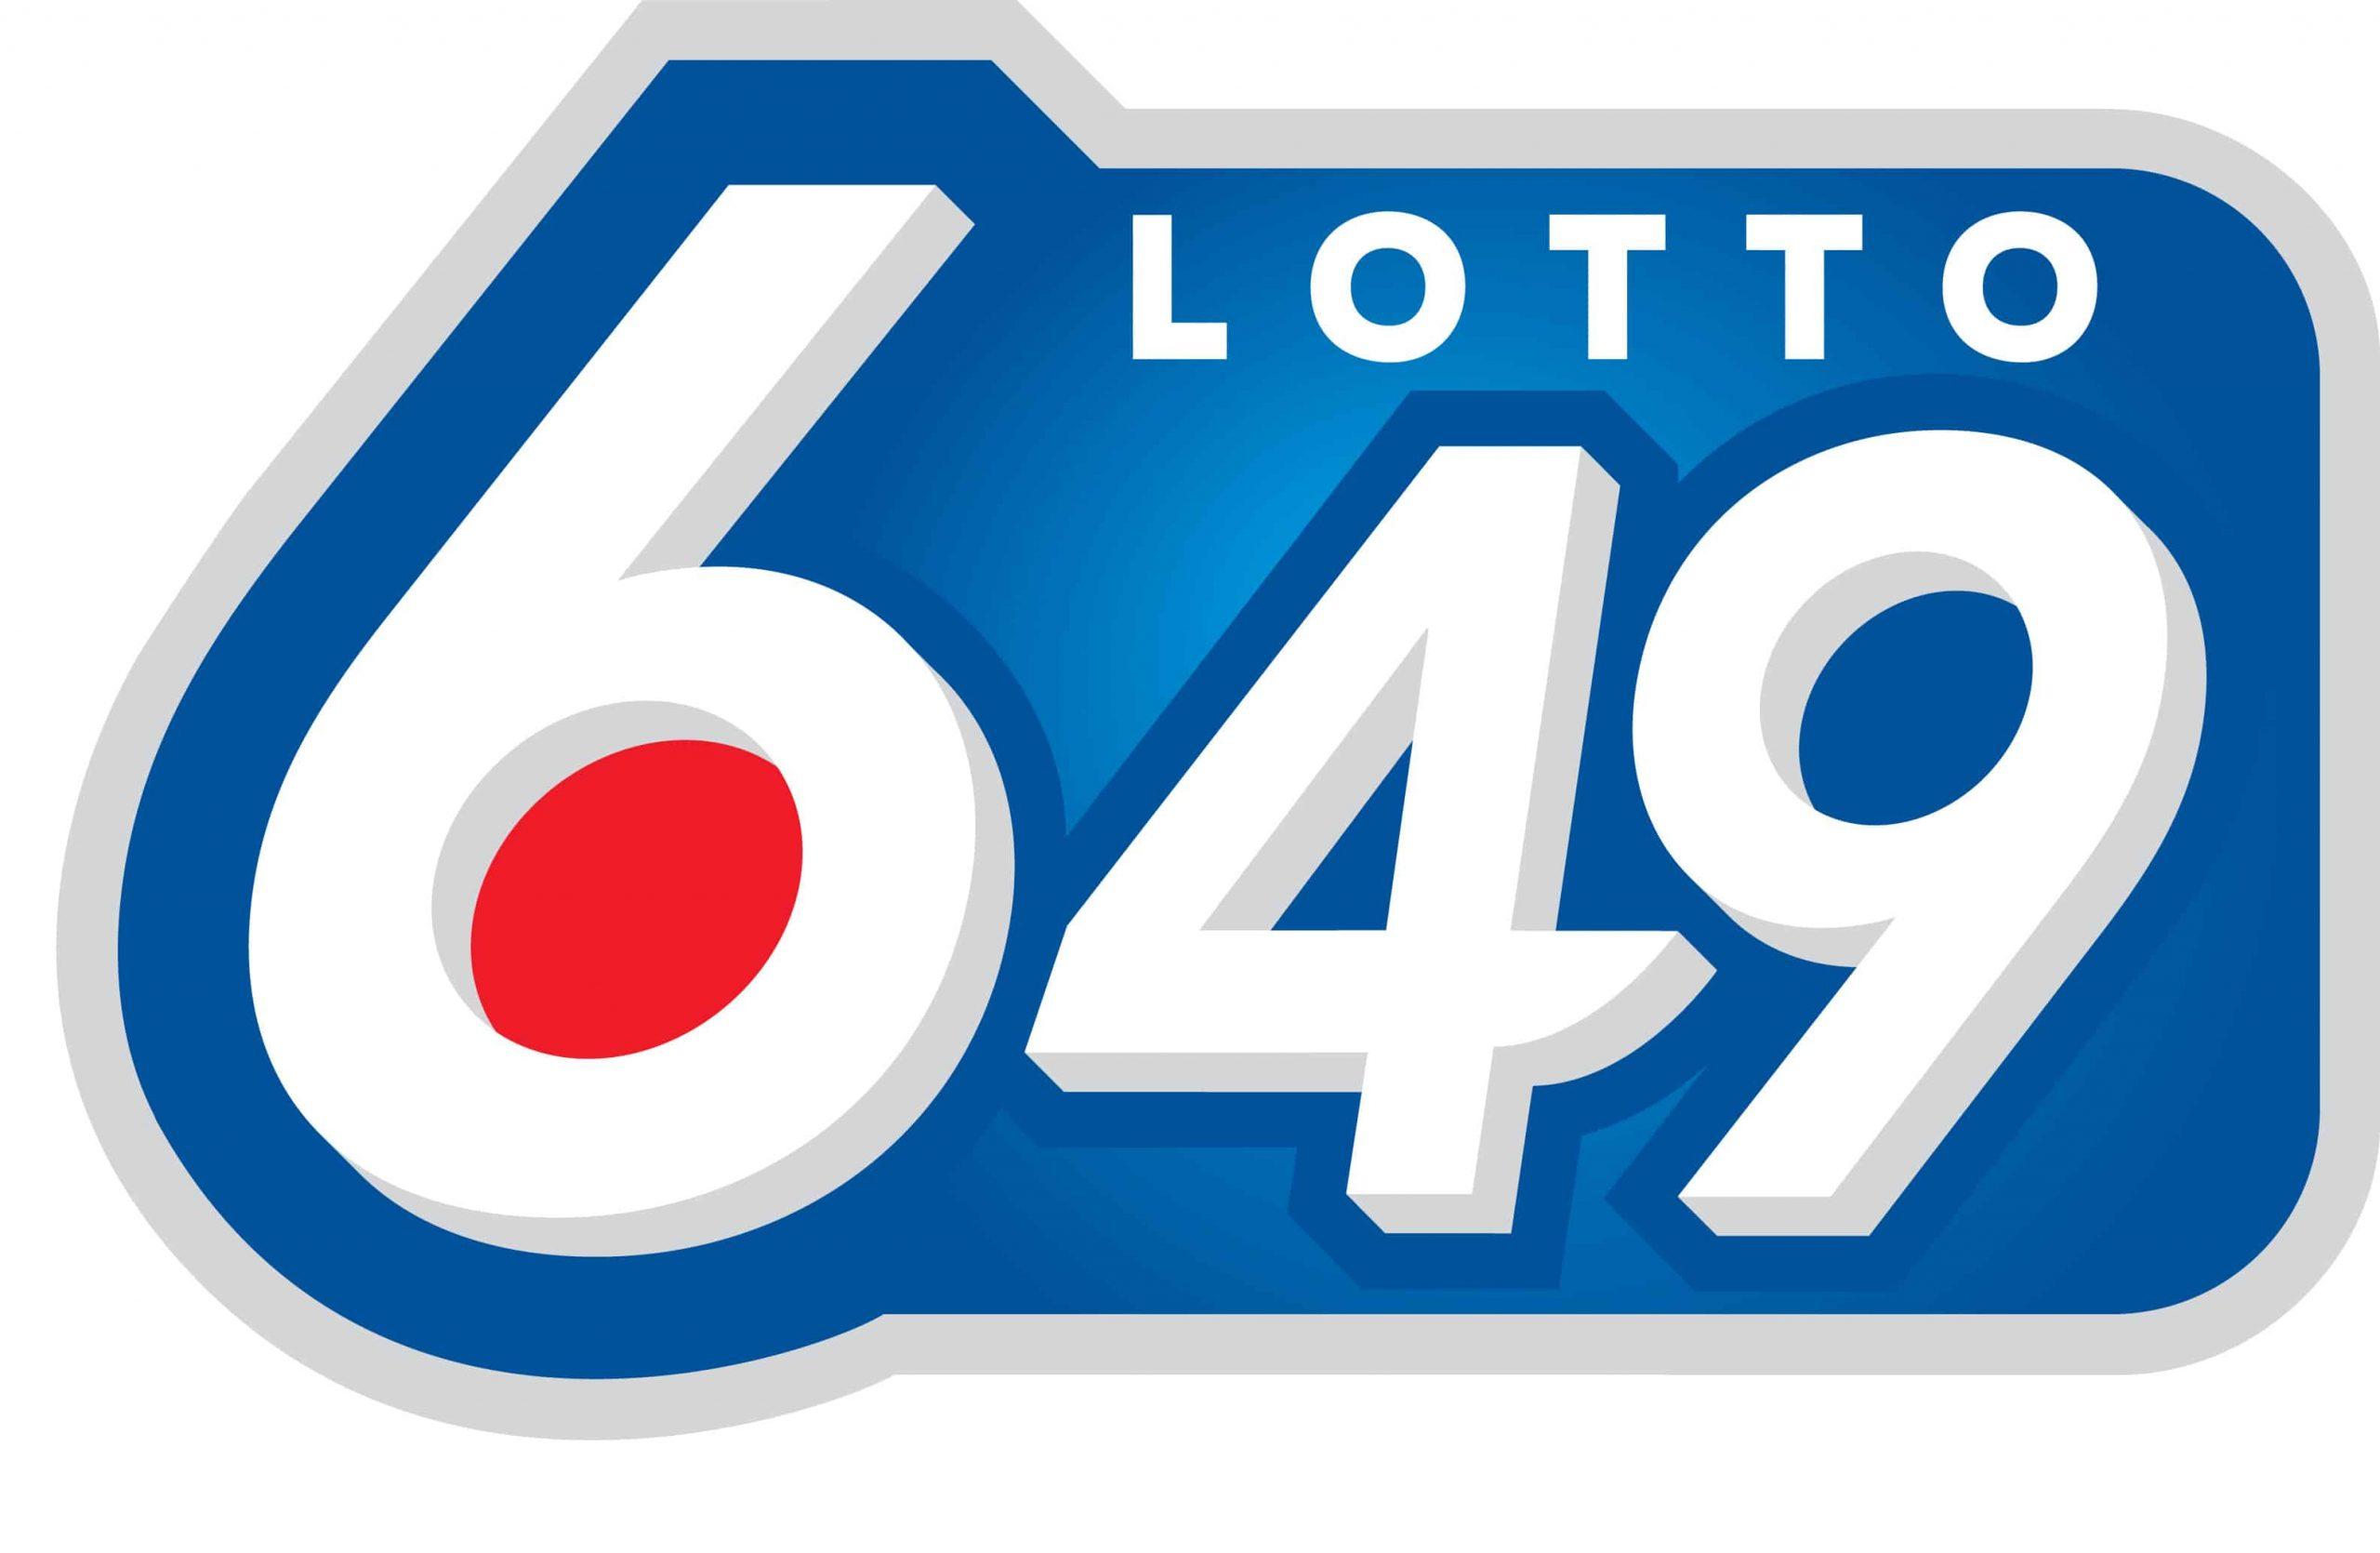 Saturday's Lotto 6/49 produces $100,000 winner in Regina